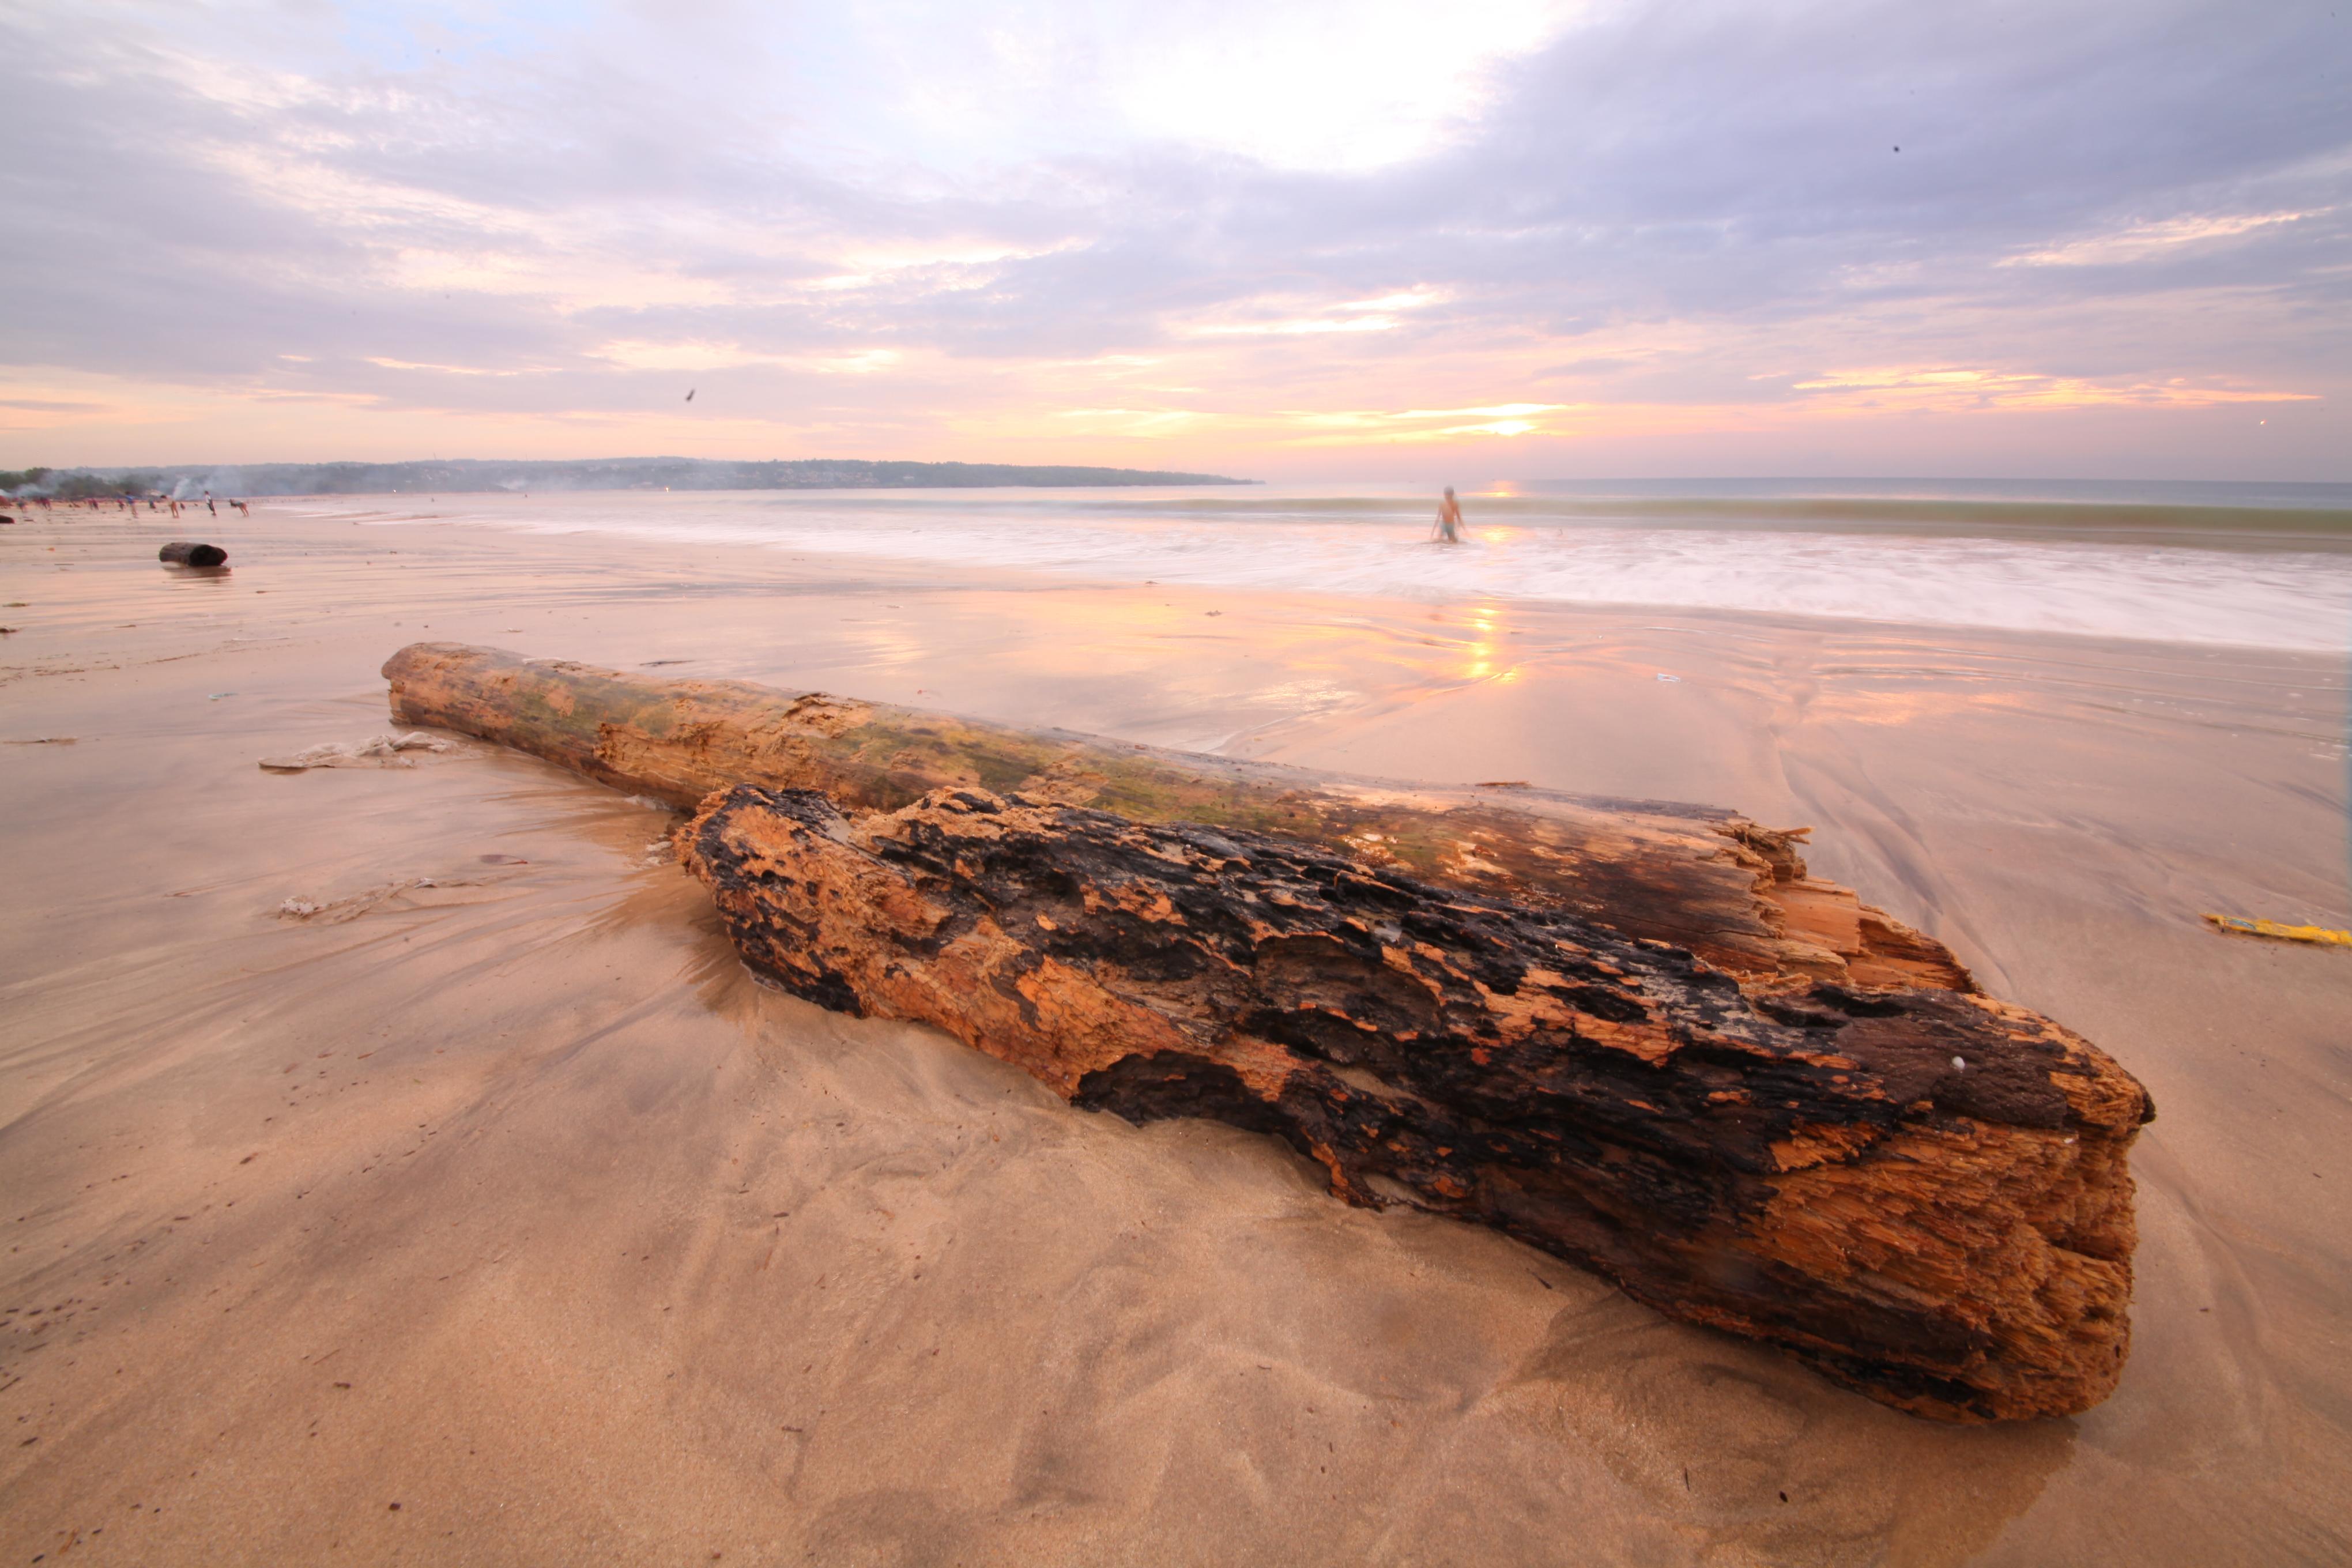 金巴兰海滩以其壮观的海上日落美景而闻名,被评为全球最美的十大日落之一。除了大名鼎鼎的日落海景,傍晚时遍地的露天海鲜大排挡也是金巴兰海滩的一大特色。你可以一边观赏落日、一边享用海鲜烛光晚餐。 全球最美的十大日落之一 狭长的海滩似乎没有终点,陆地随海滩缓缓地时现时隐,造就出热带森林葱茏掩映下的绝佳休憩之处。面对着无尽的海洋,每当夕阳西下,落日就像沉入大海一样,短暂却无比美妙和壮观。天色暗下,行人如剪影,又是另一幅风景画。如果你预算充足,也可以住在海滩附近的豪华度假酒店,在私人泳池里享受海湾美景,金巴兰拥有多家